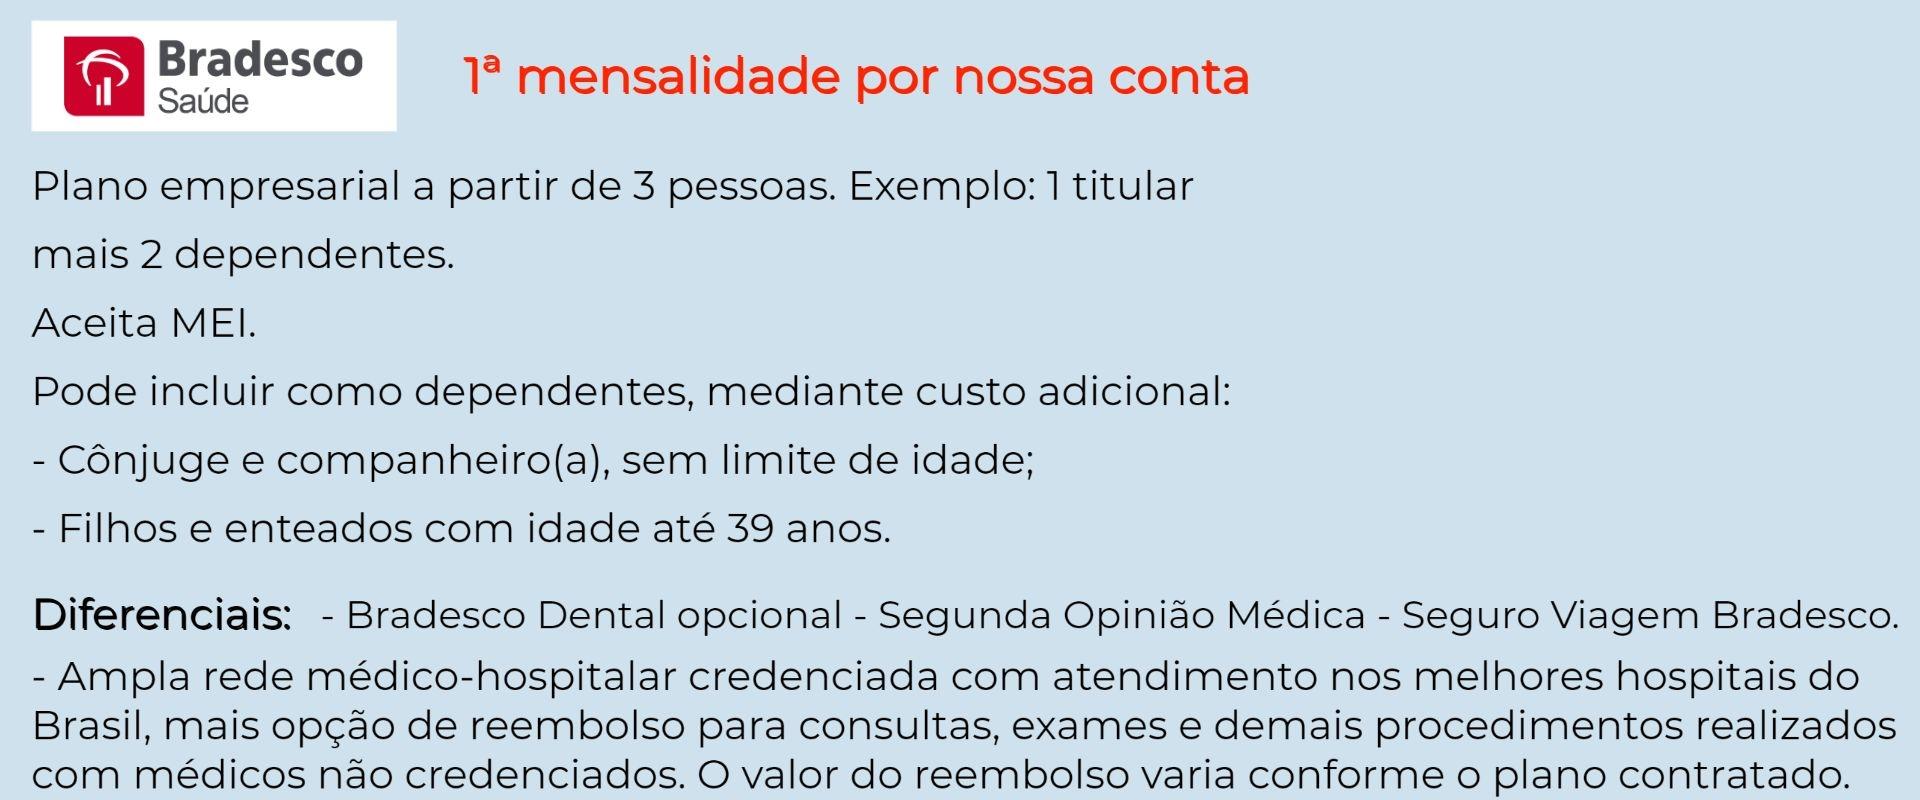 Bradesco Saúde Empresarial - Mimoso do Sul